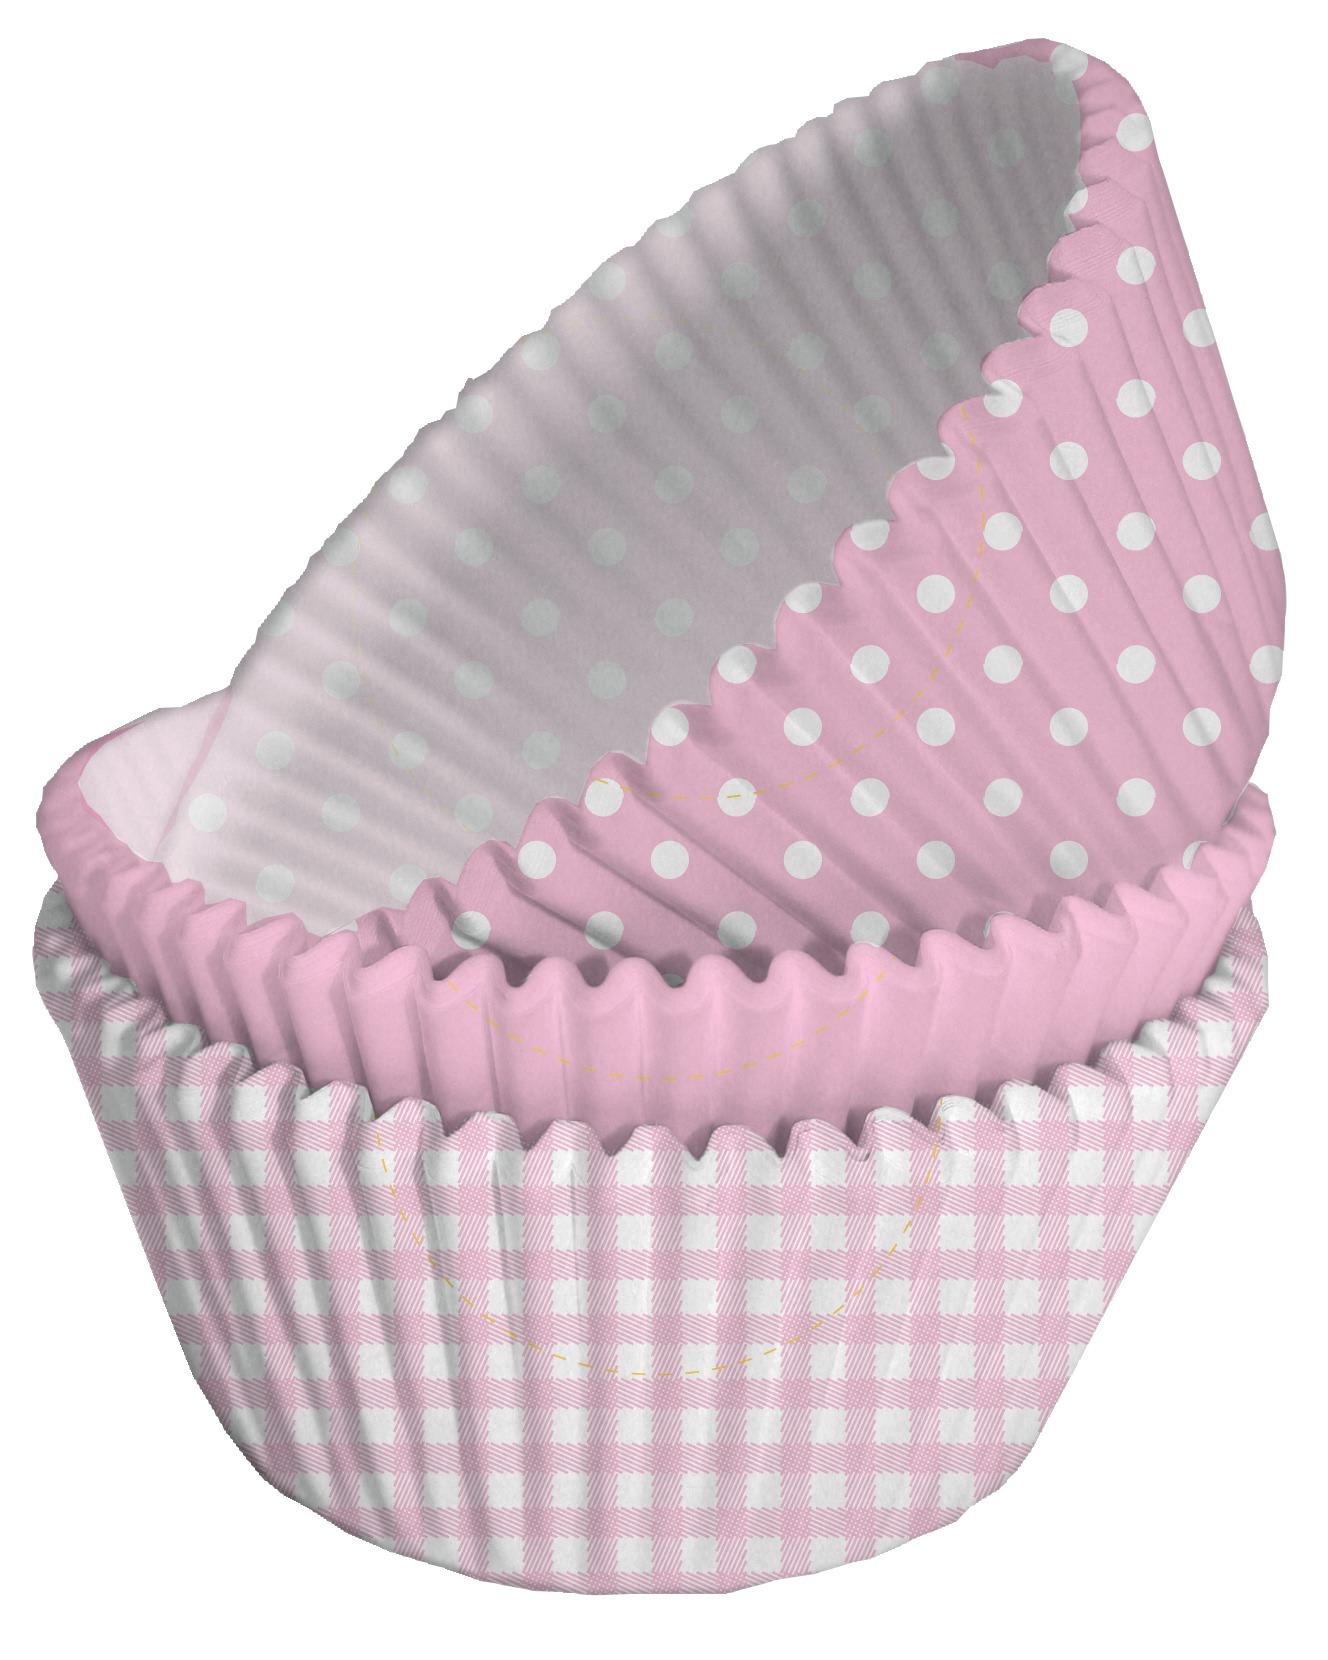 75 moules cupcake papier rose et blanc d coration. Black Bedroom Furniture Sets. Home Design Ideas